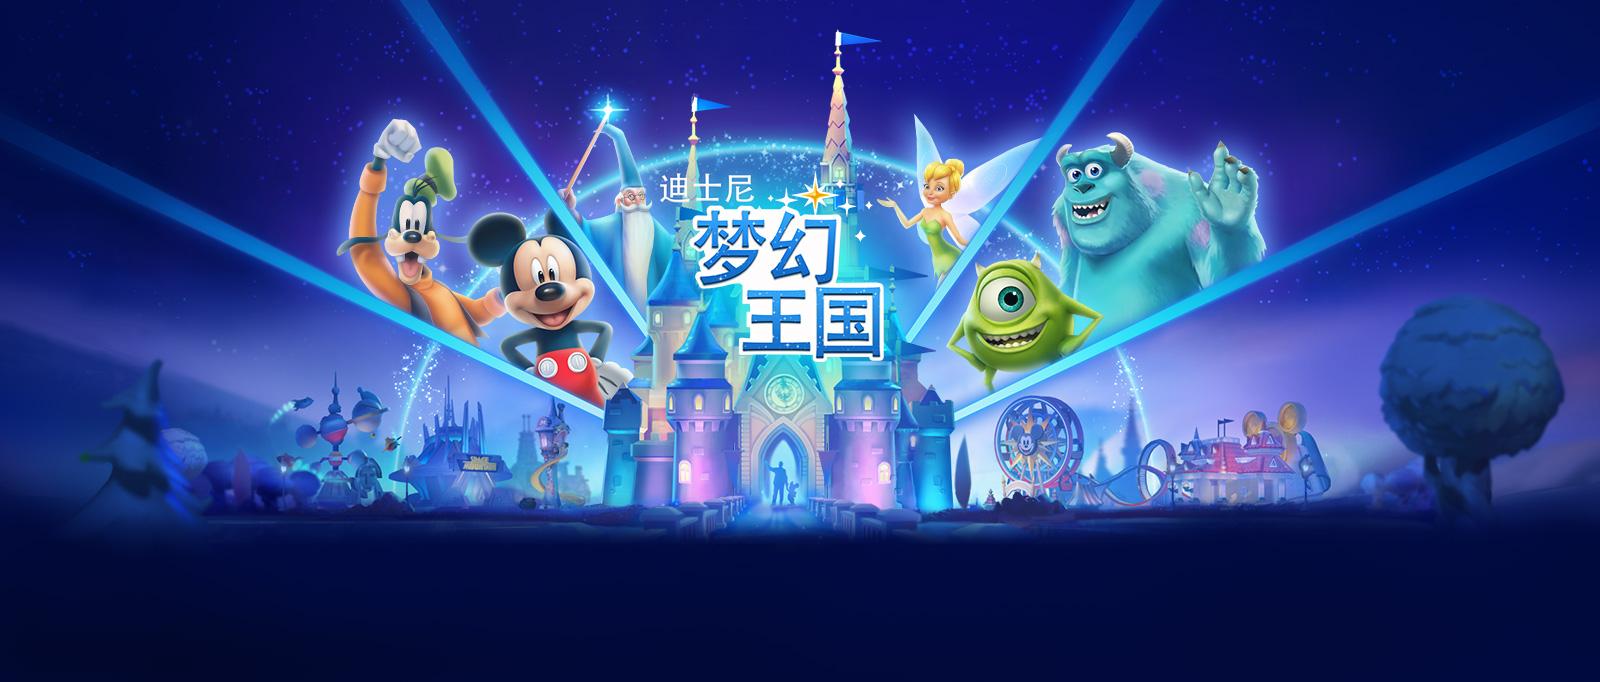 迪士尼梦幻王国